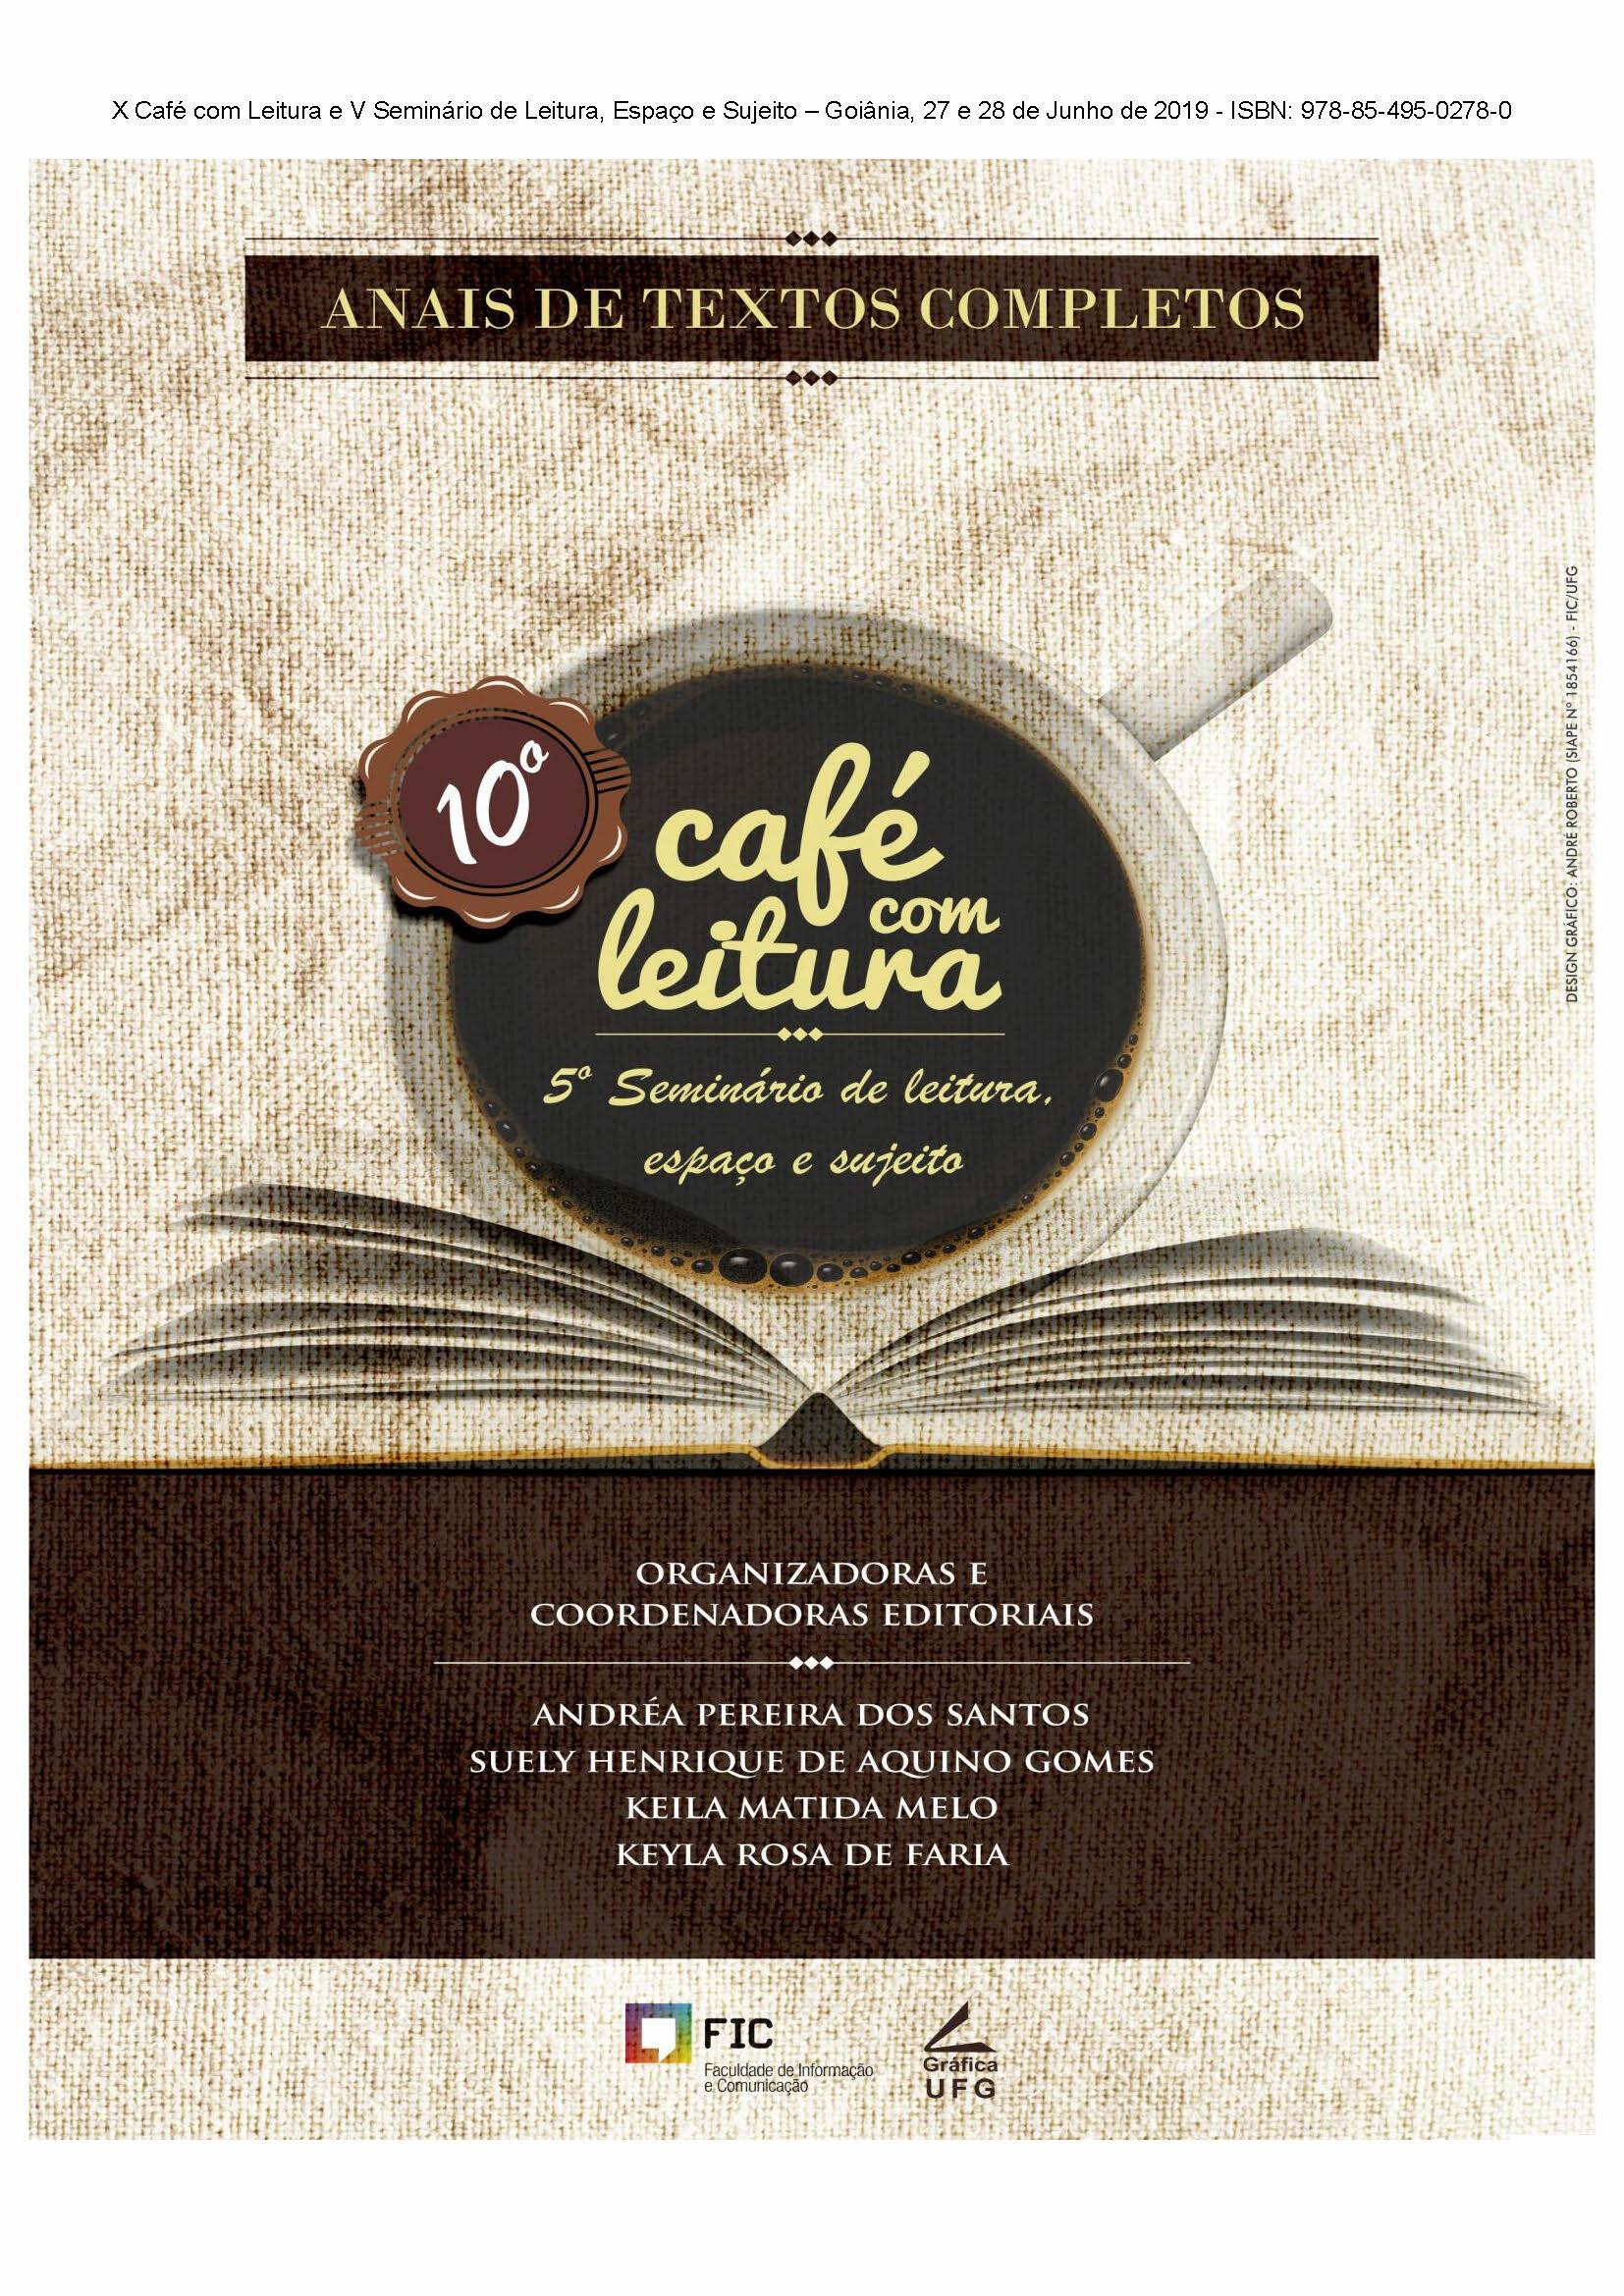 capa ANAIS DE TEXTOS COMPLETOS DO X CAFÉ COM LEITURA E V SEMINÁRIO DE LEITURA, ESPAÇO E SUJEITO